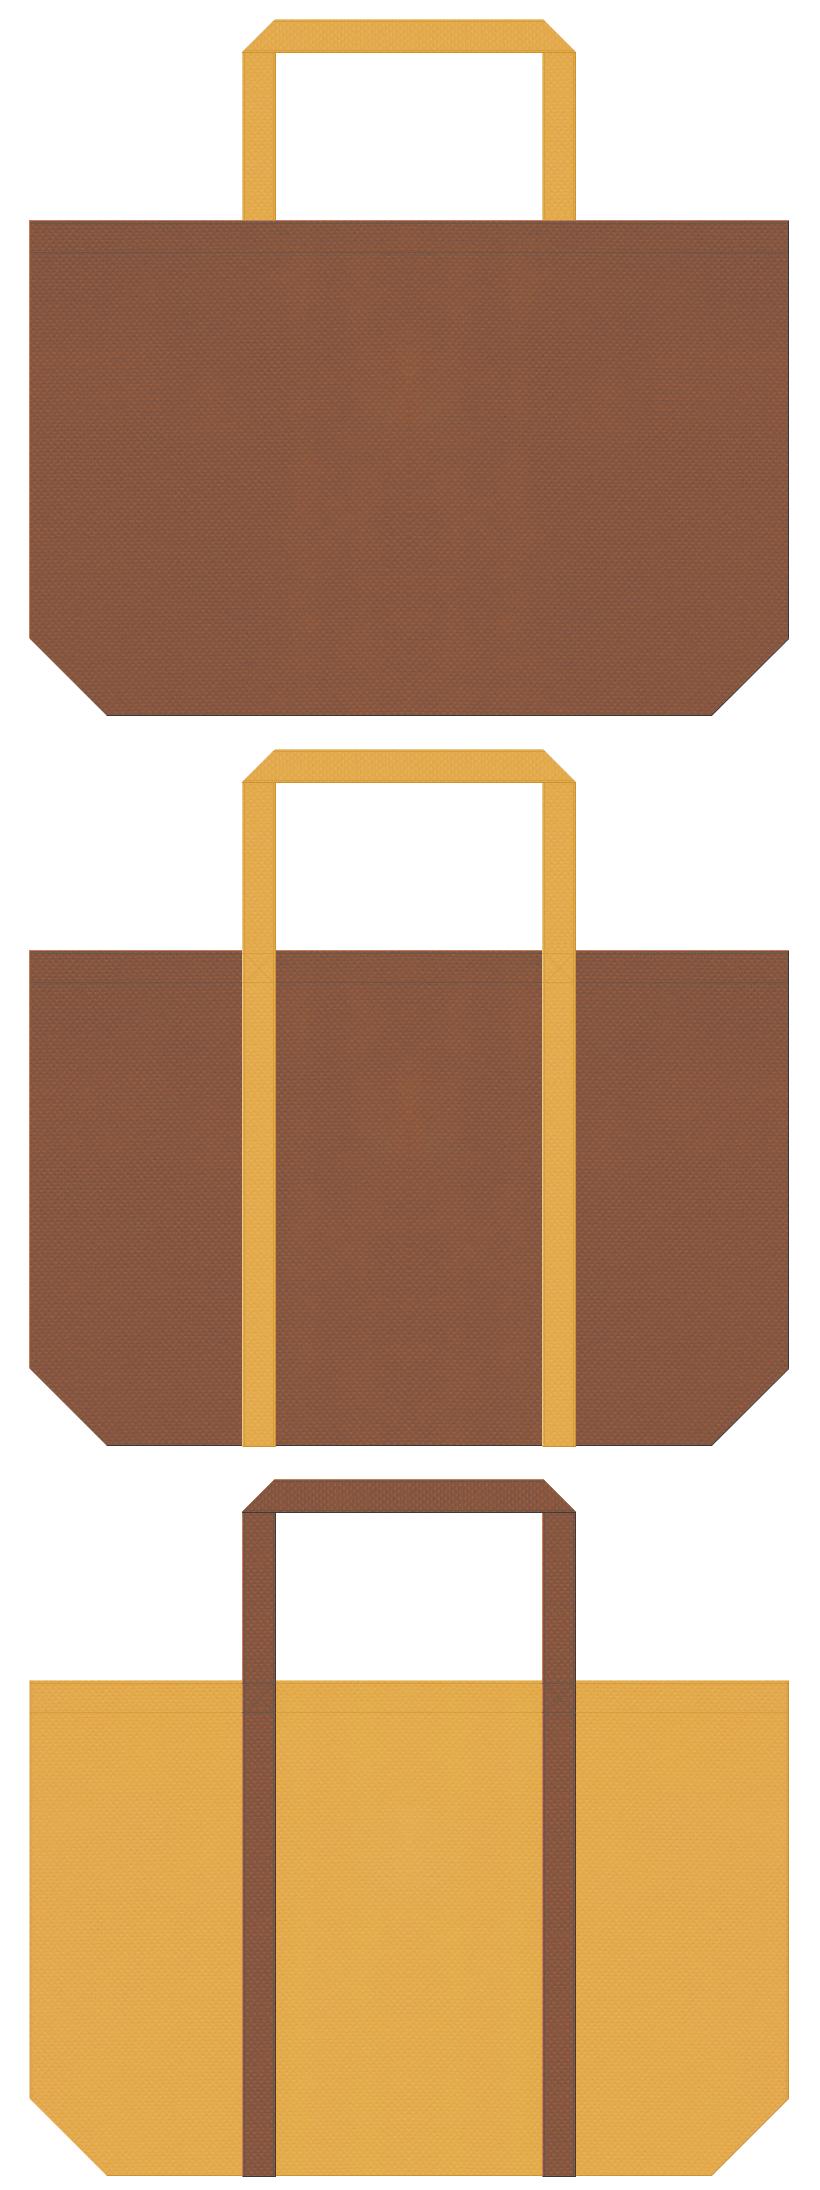 茶色と黄土色の不織布バッグデザイン:ベーカリーショップのショッピングバッグにお奨めです。クロワッサン風。